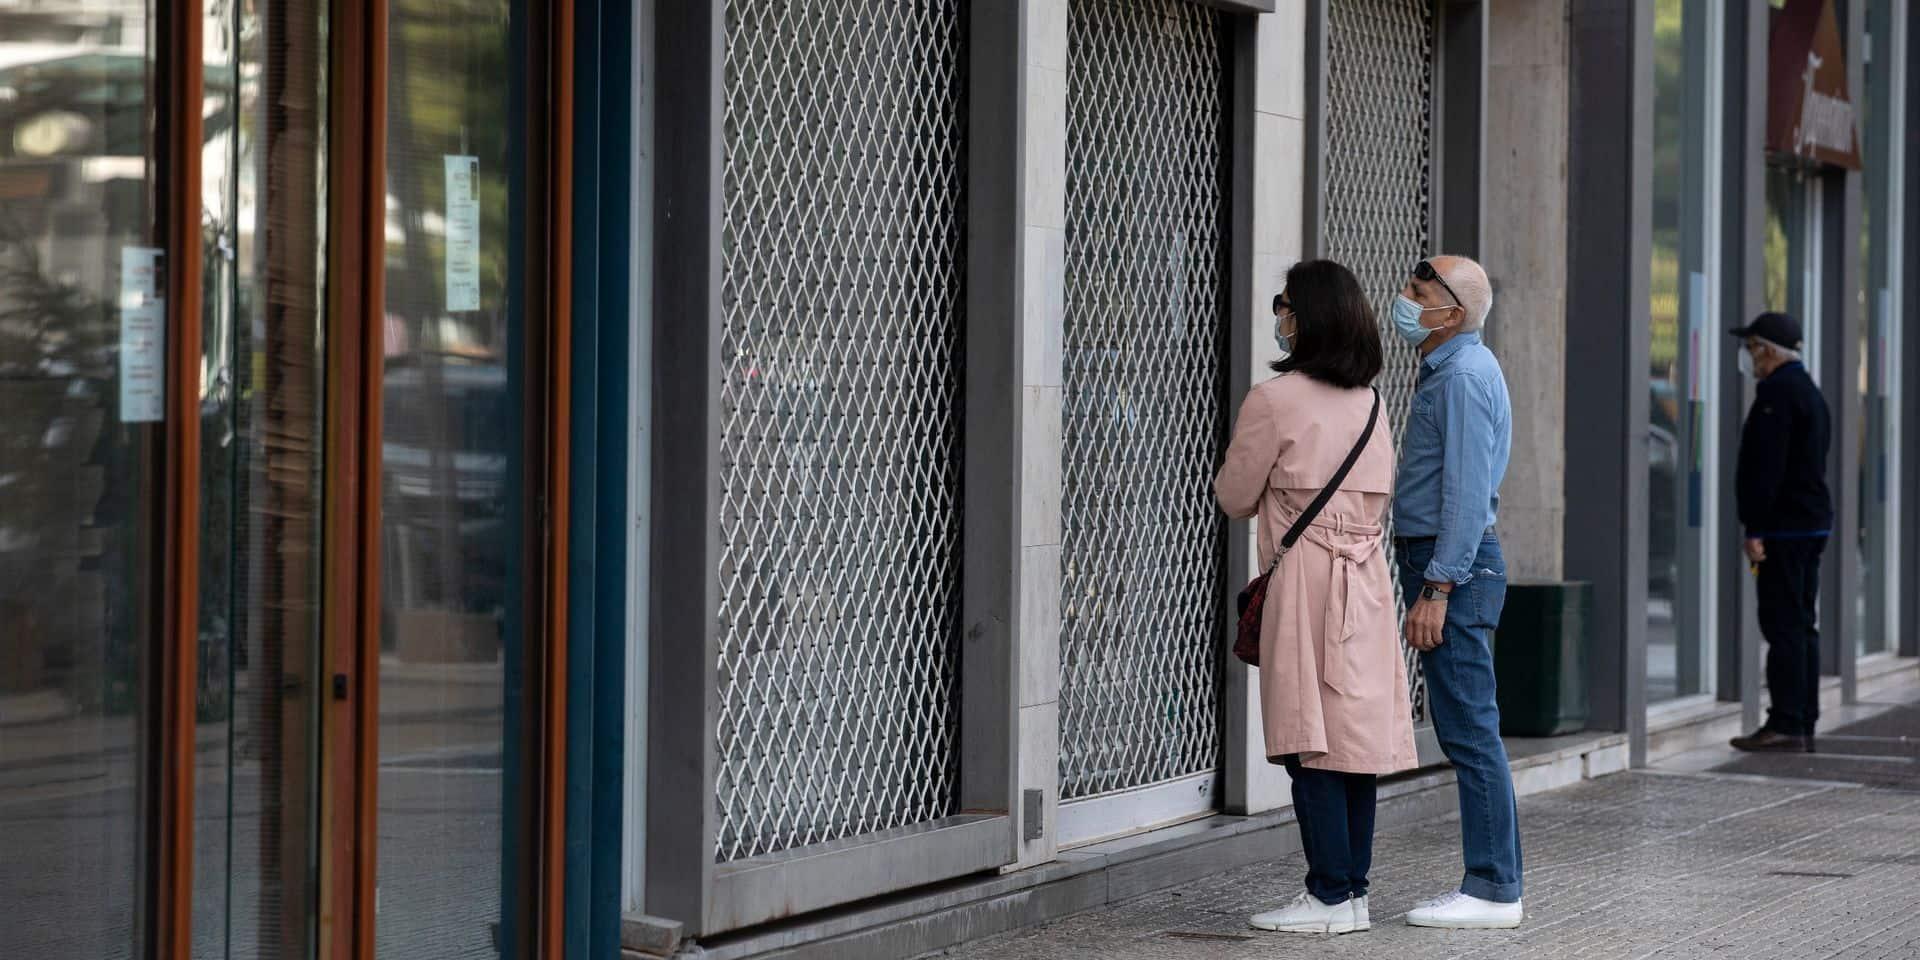 Coronavirus: les indicateurs se dégradent en France, la Grèce bat son record de contaminations quotidiennes